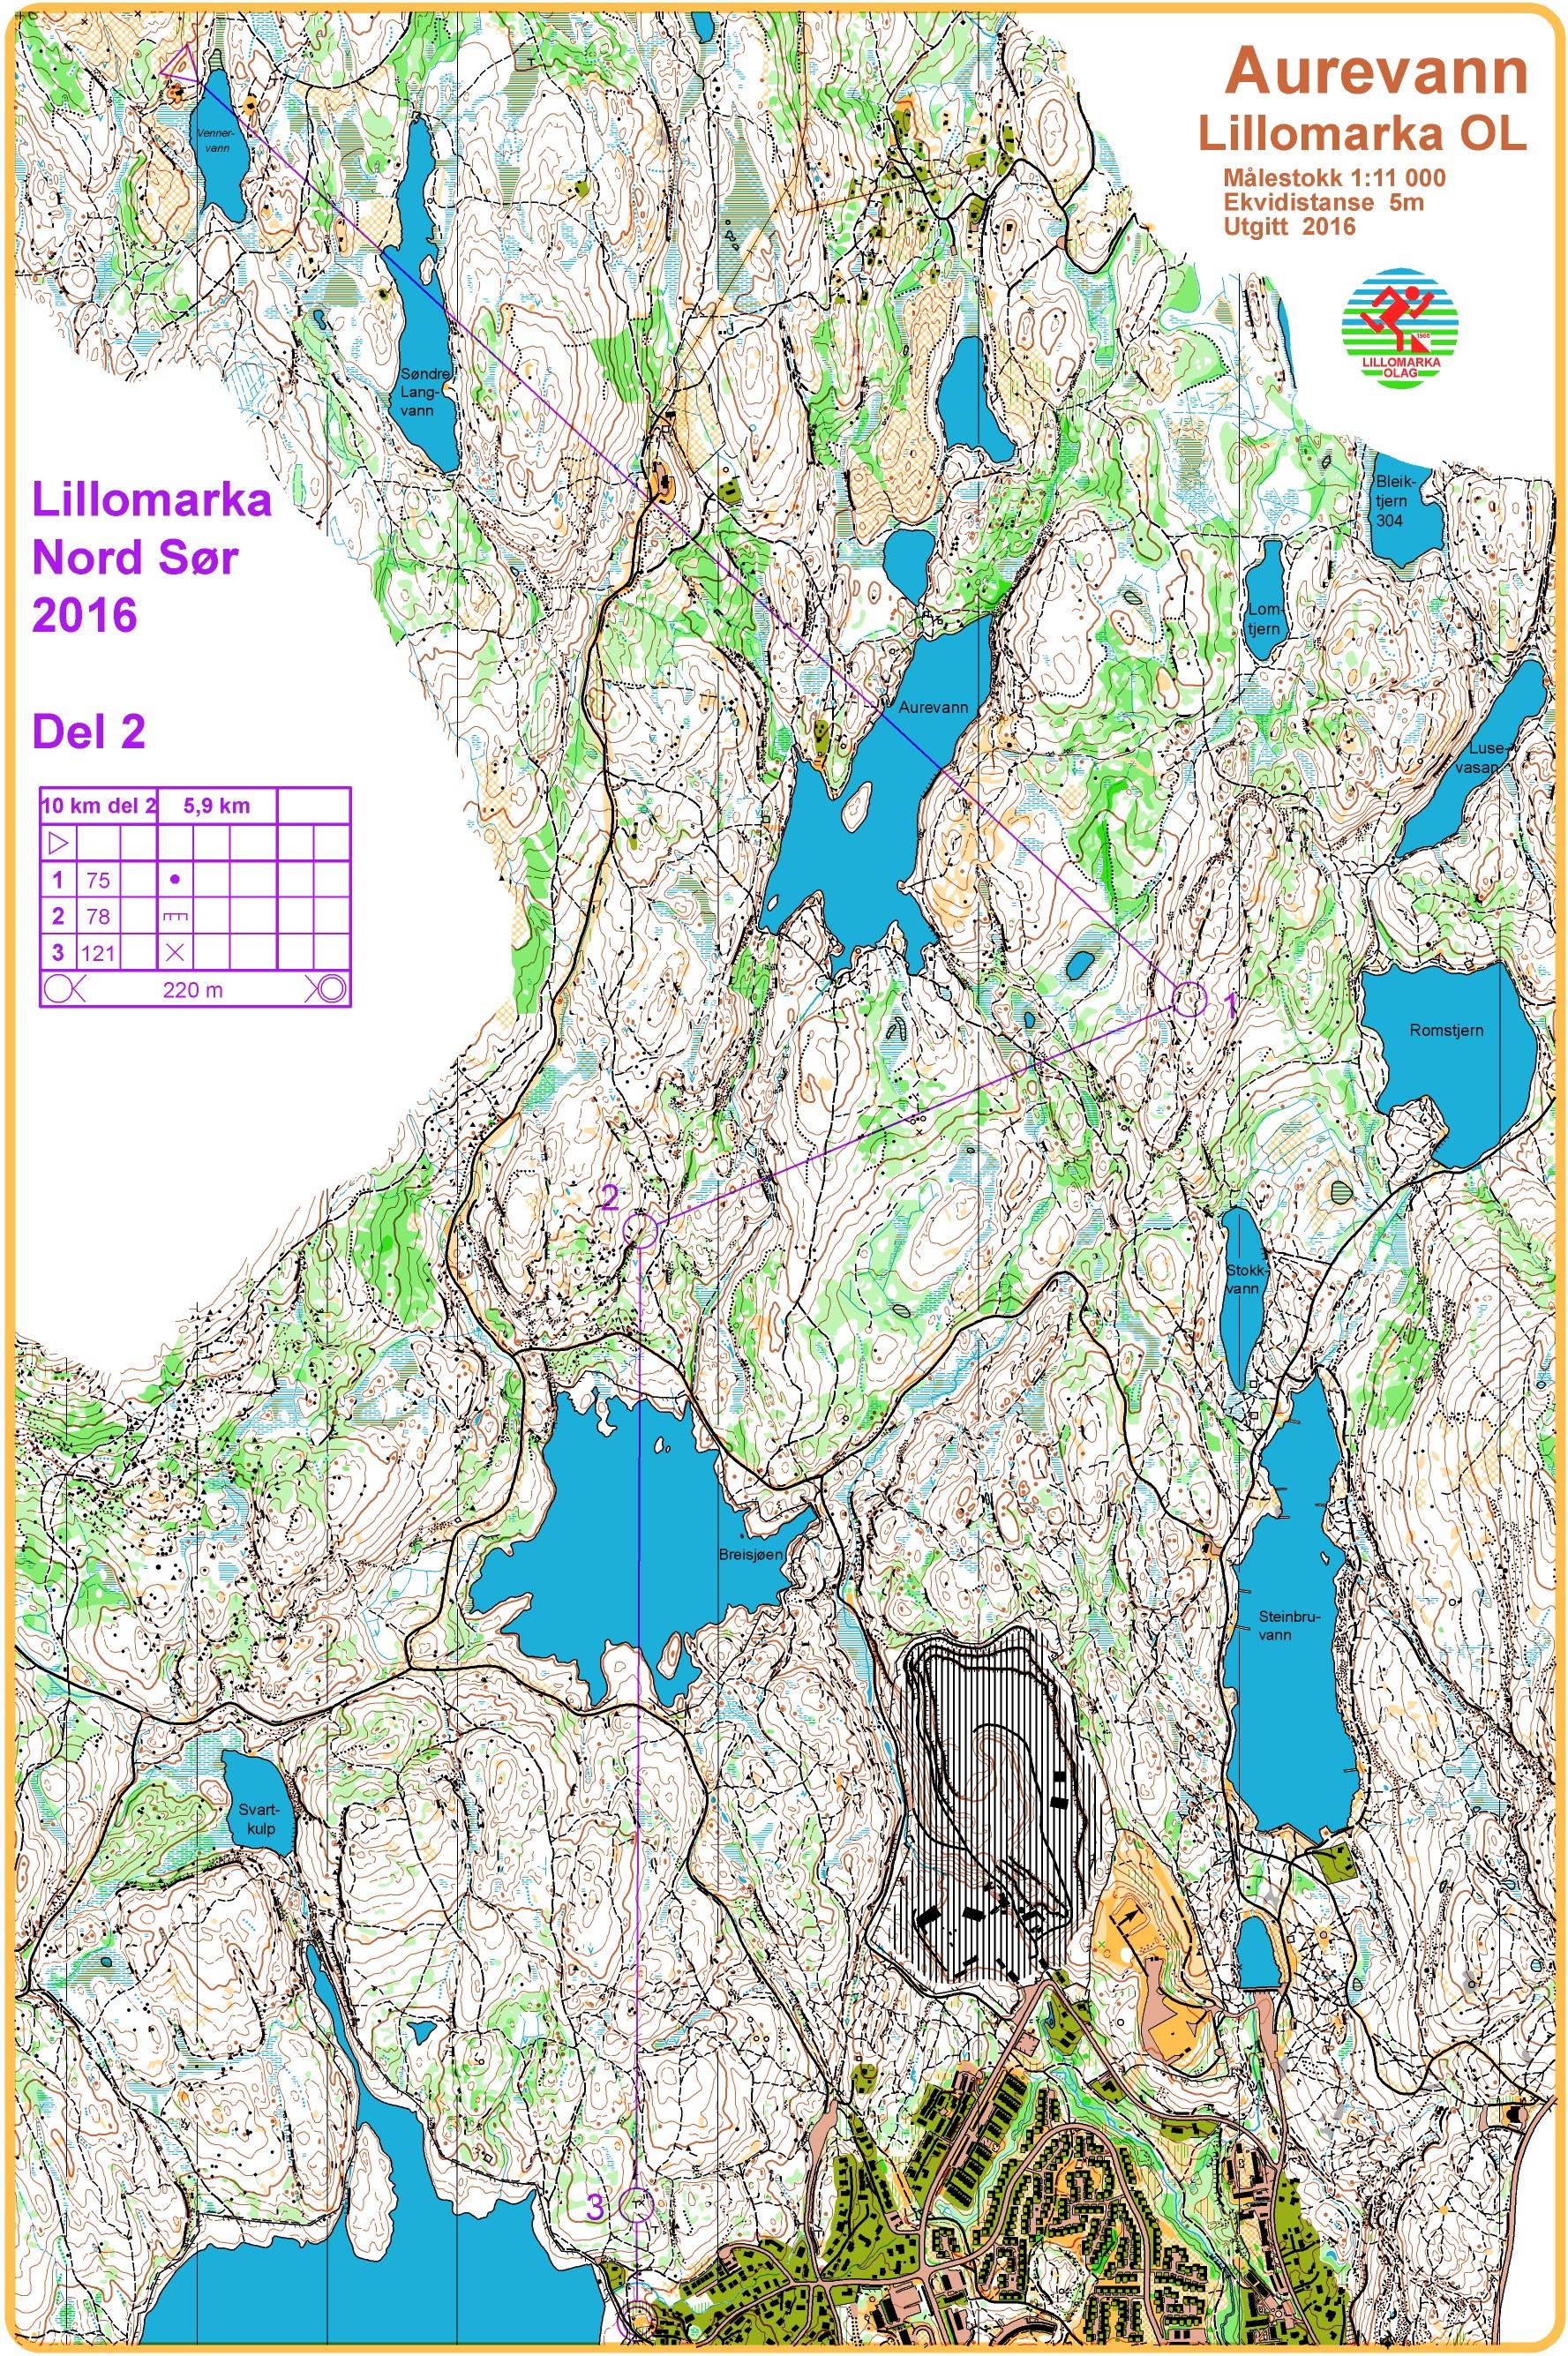 kart lillomarka Eventor   Arrangementsinformasjon: Lillomarka Nord Sør kart lillomarka